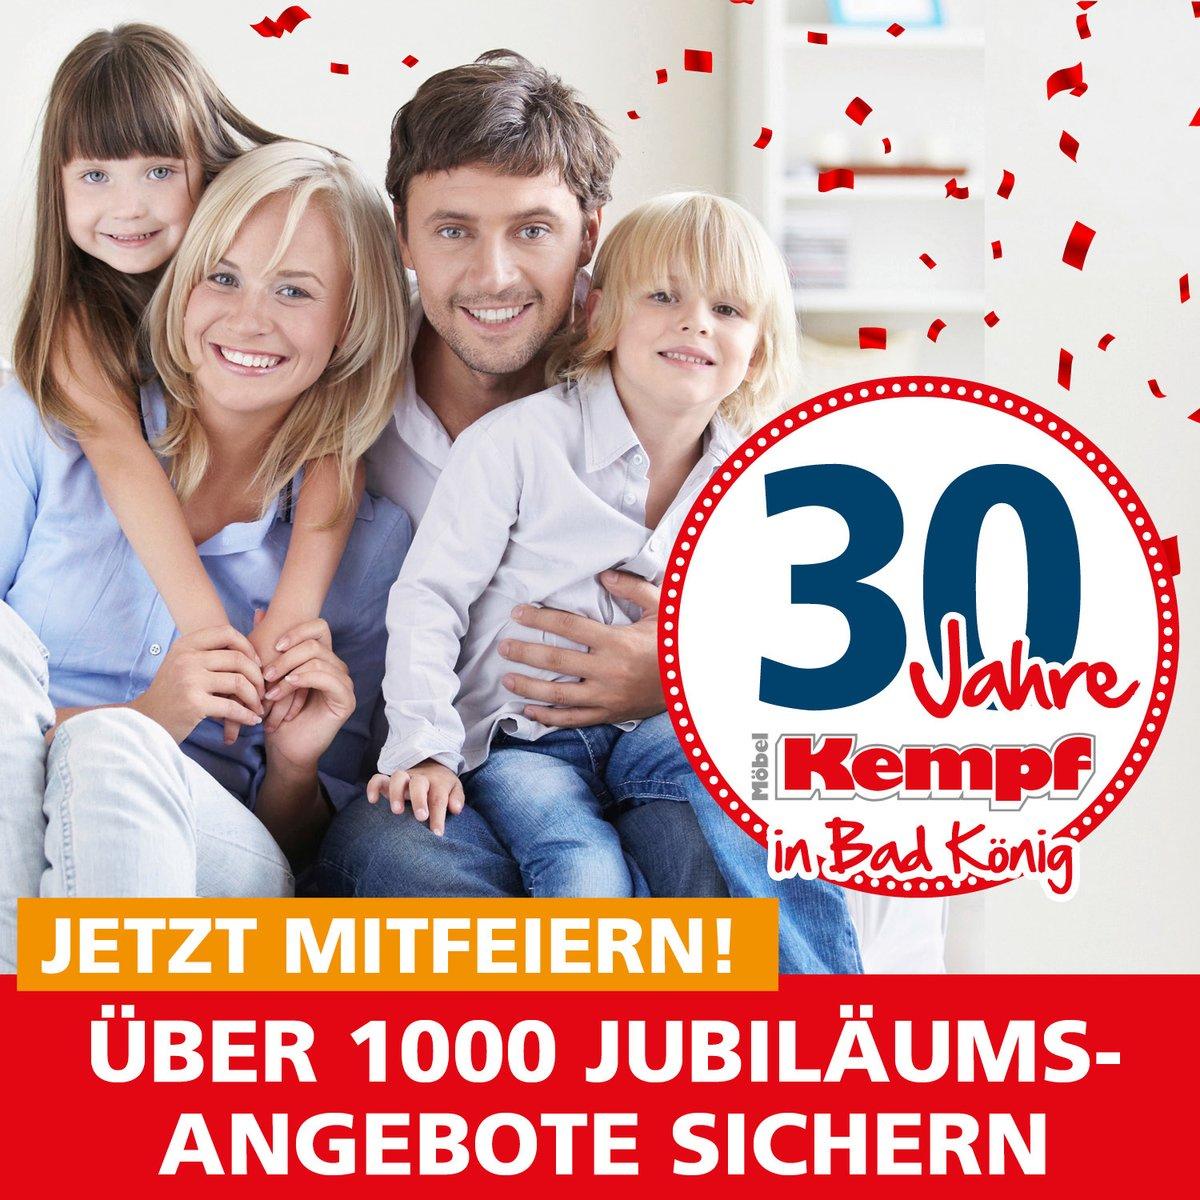 Möbel Kempf In Bad König Feiert 30 Jahre Aschaffenburg